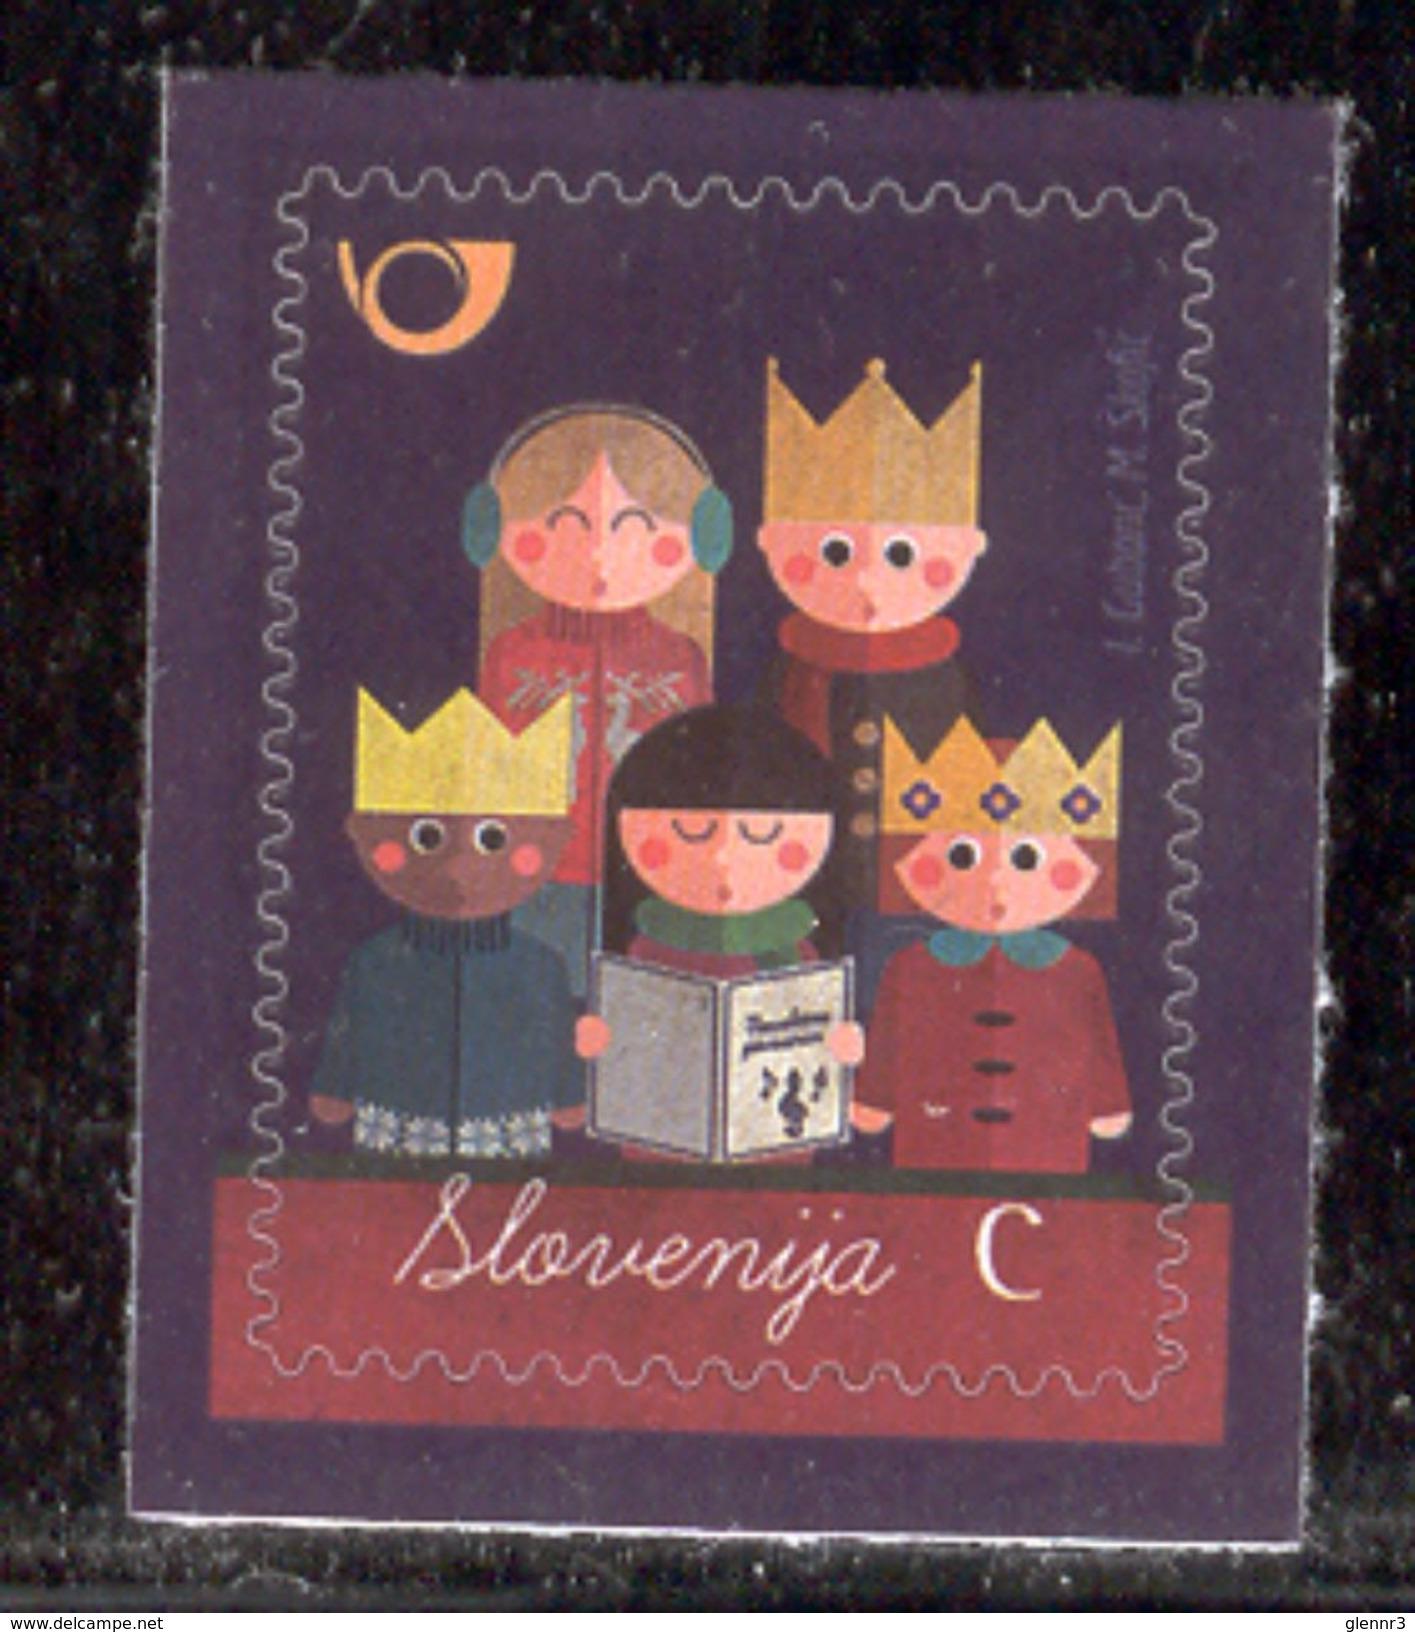 SLOVENIA 2015 New Year's Day; Scott Catalogue No. 1153 MNH - Slovenia